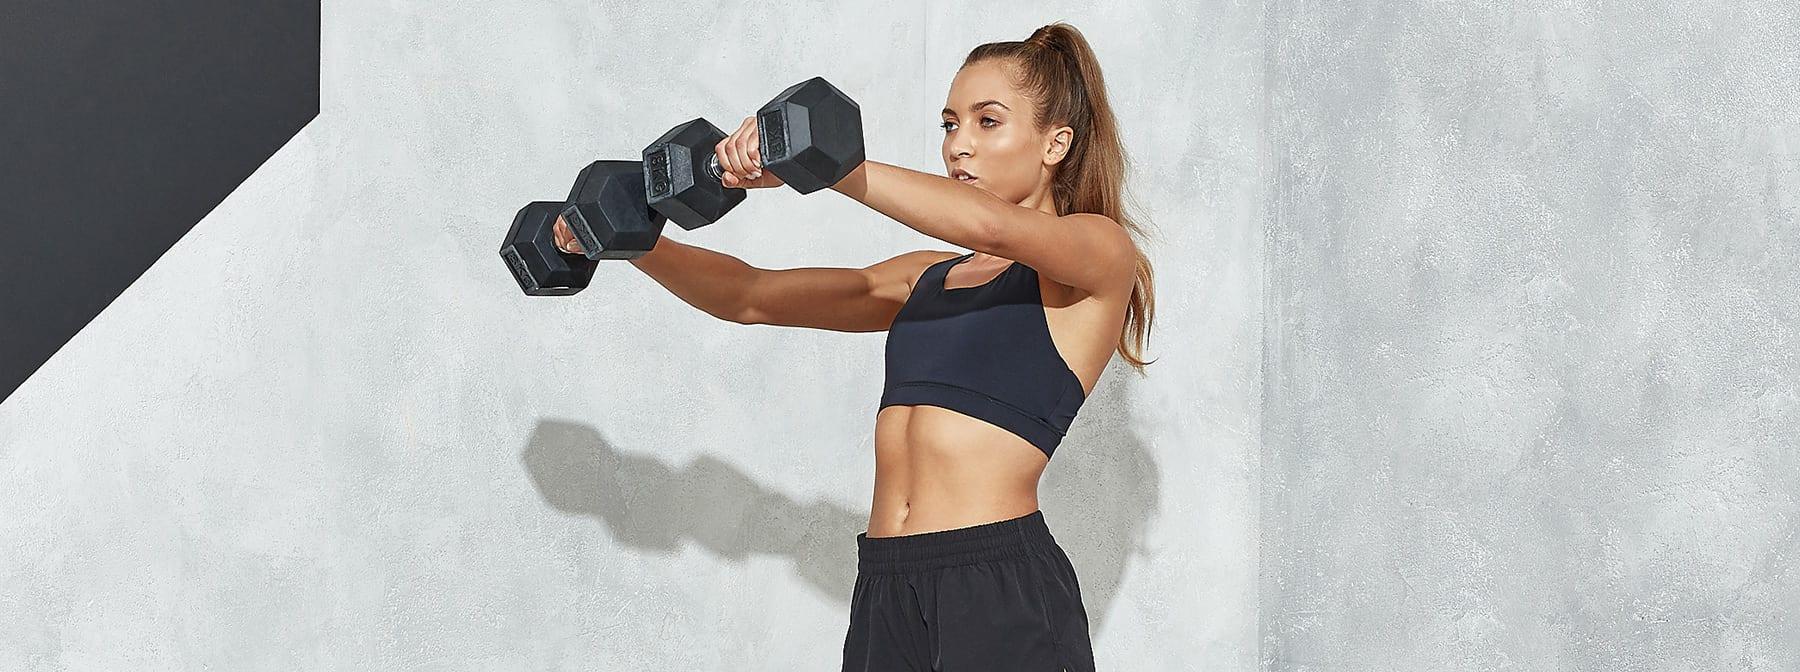 Modalități de a pierde în greutate pinterest slabire foarte rapida in | Blog, 10 things